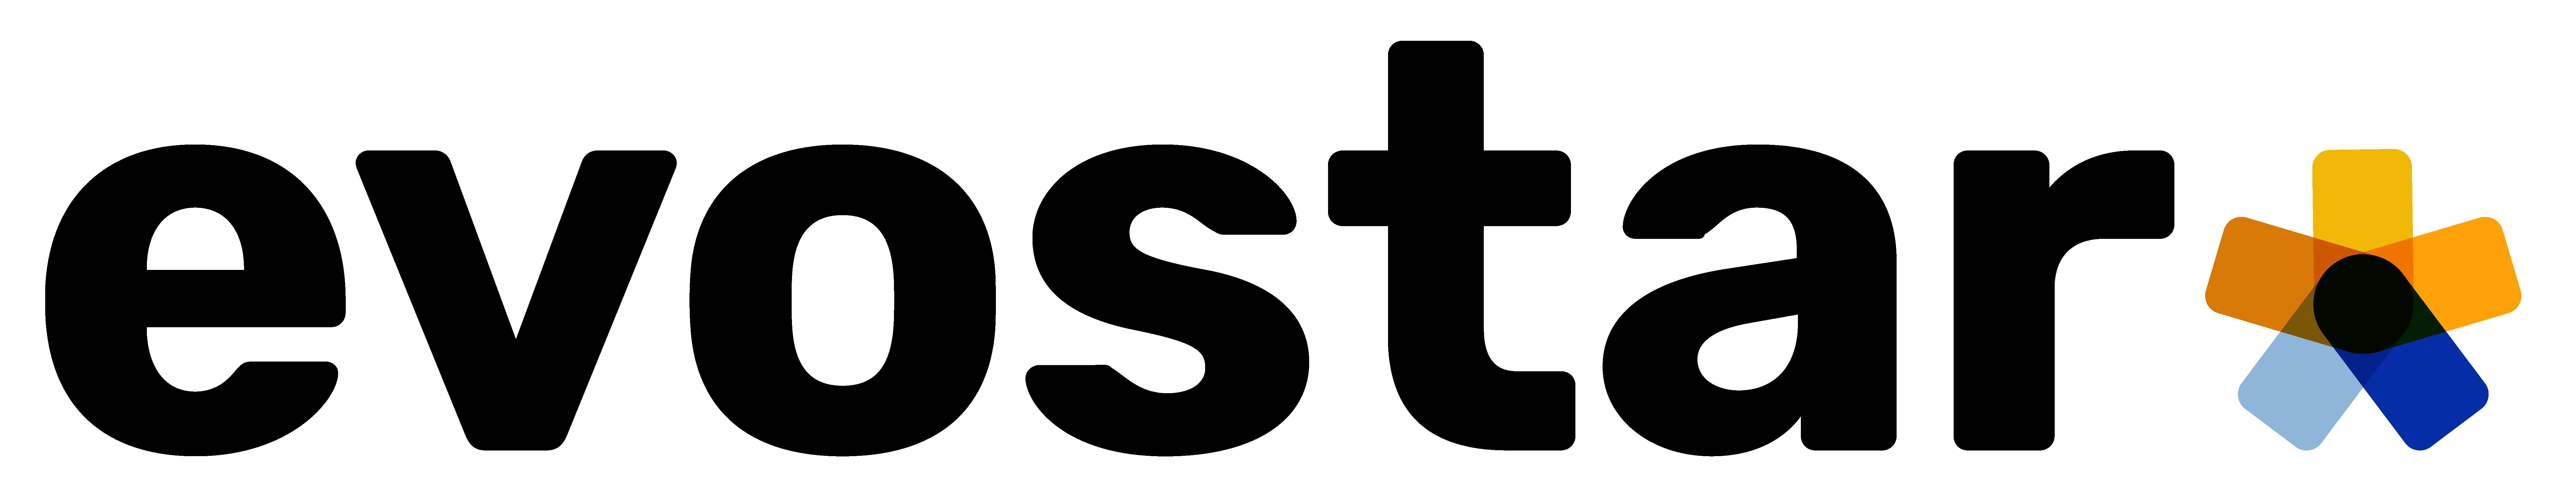 evostar logotype